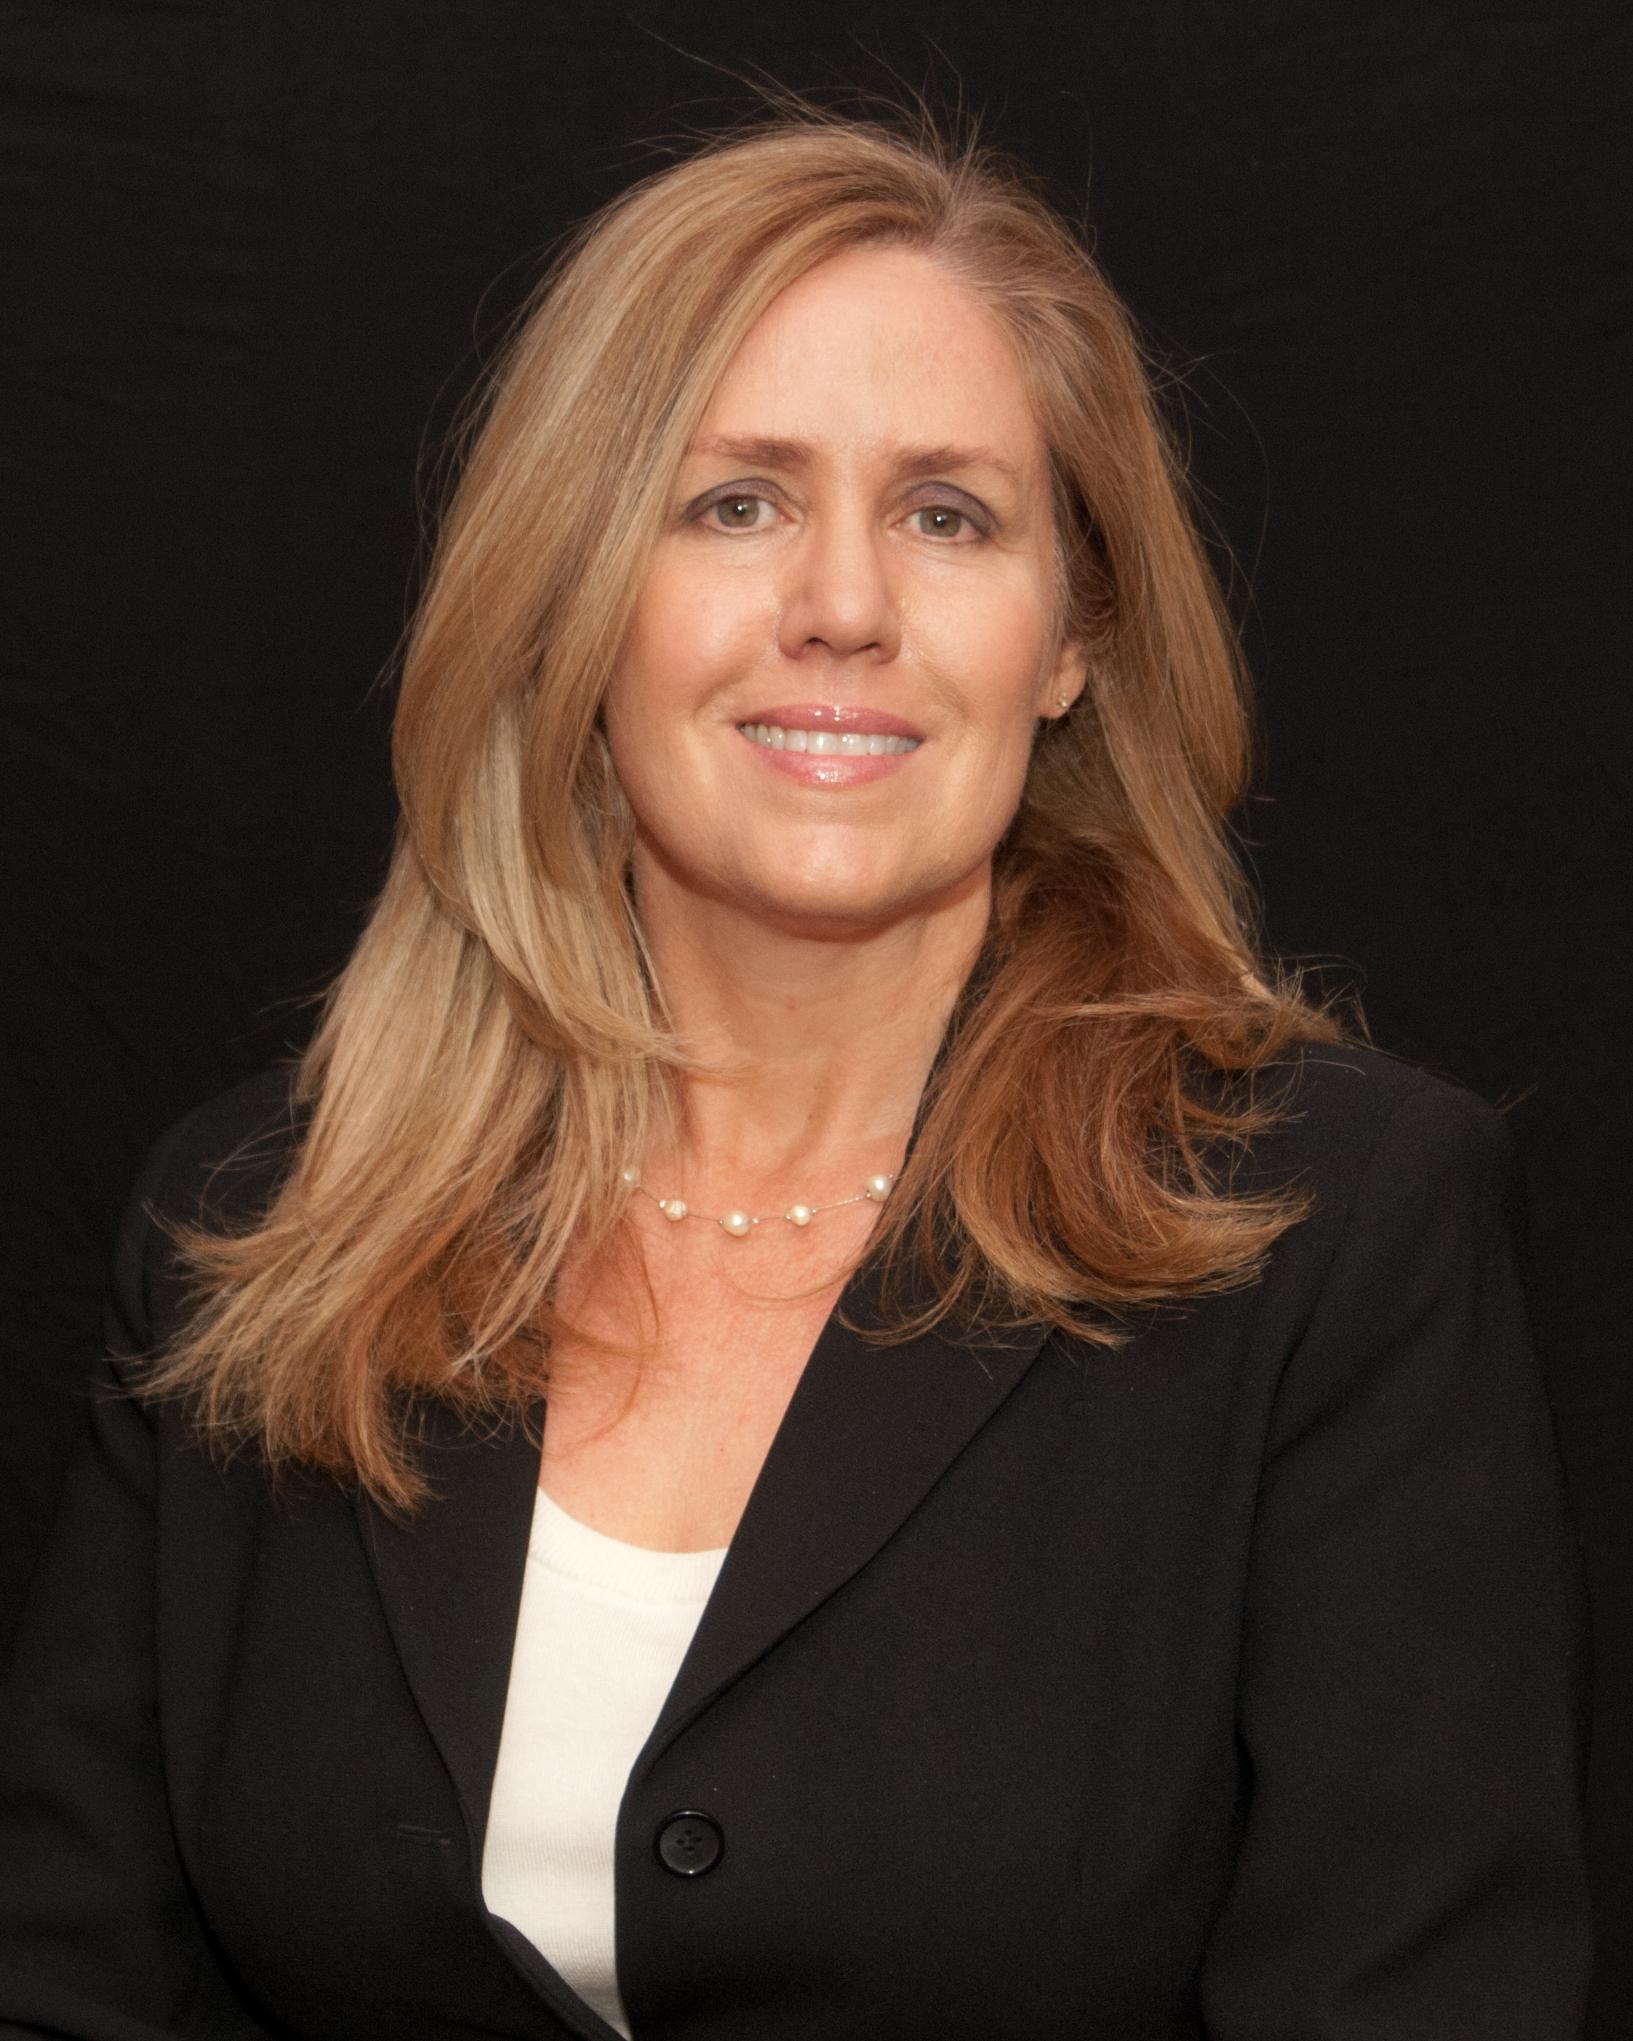 Susan Somers